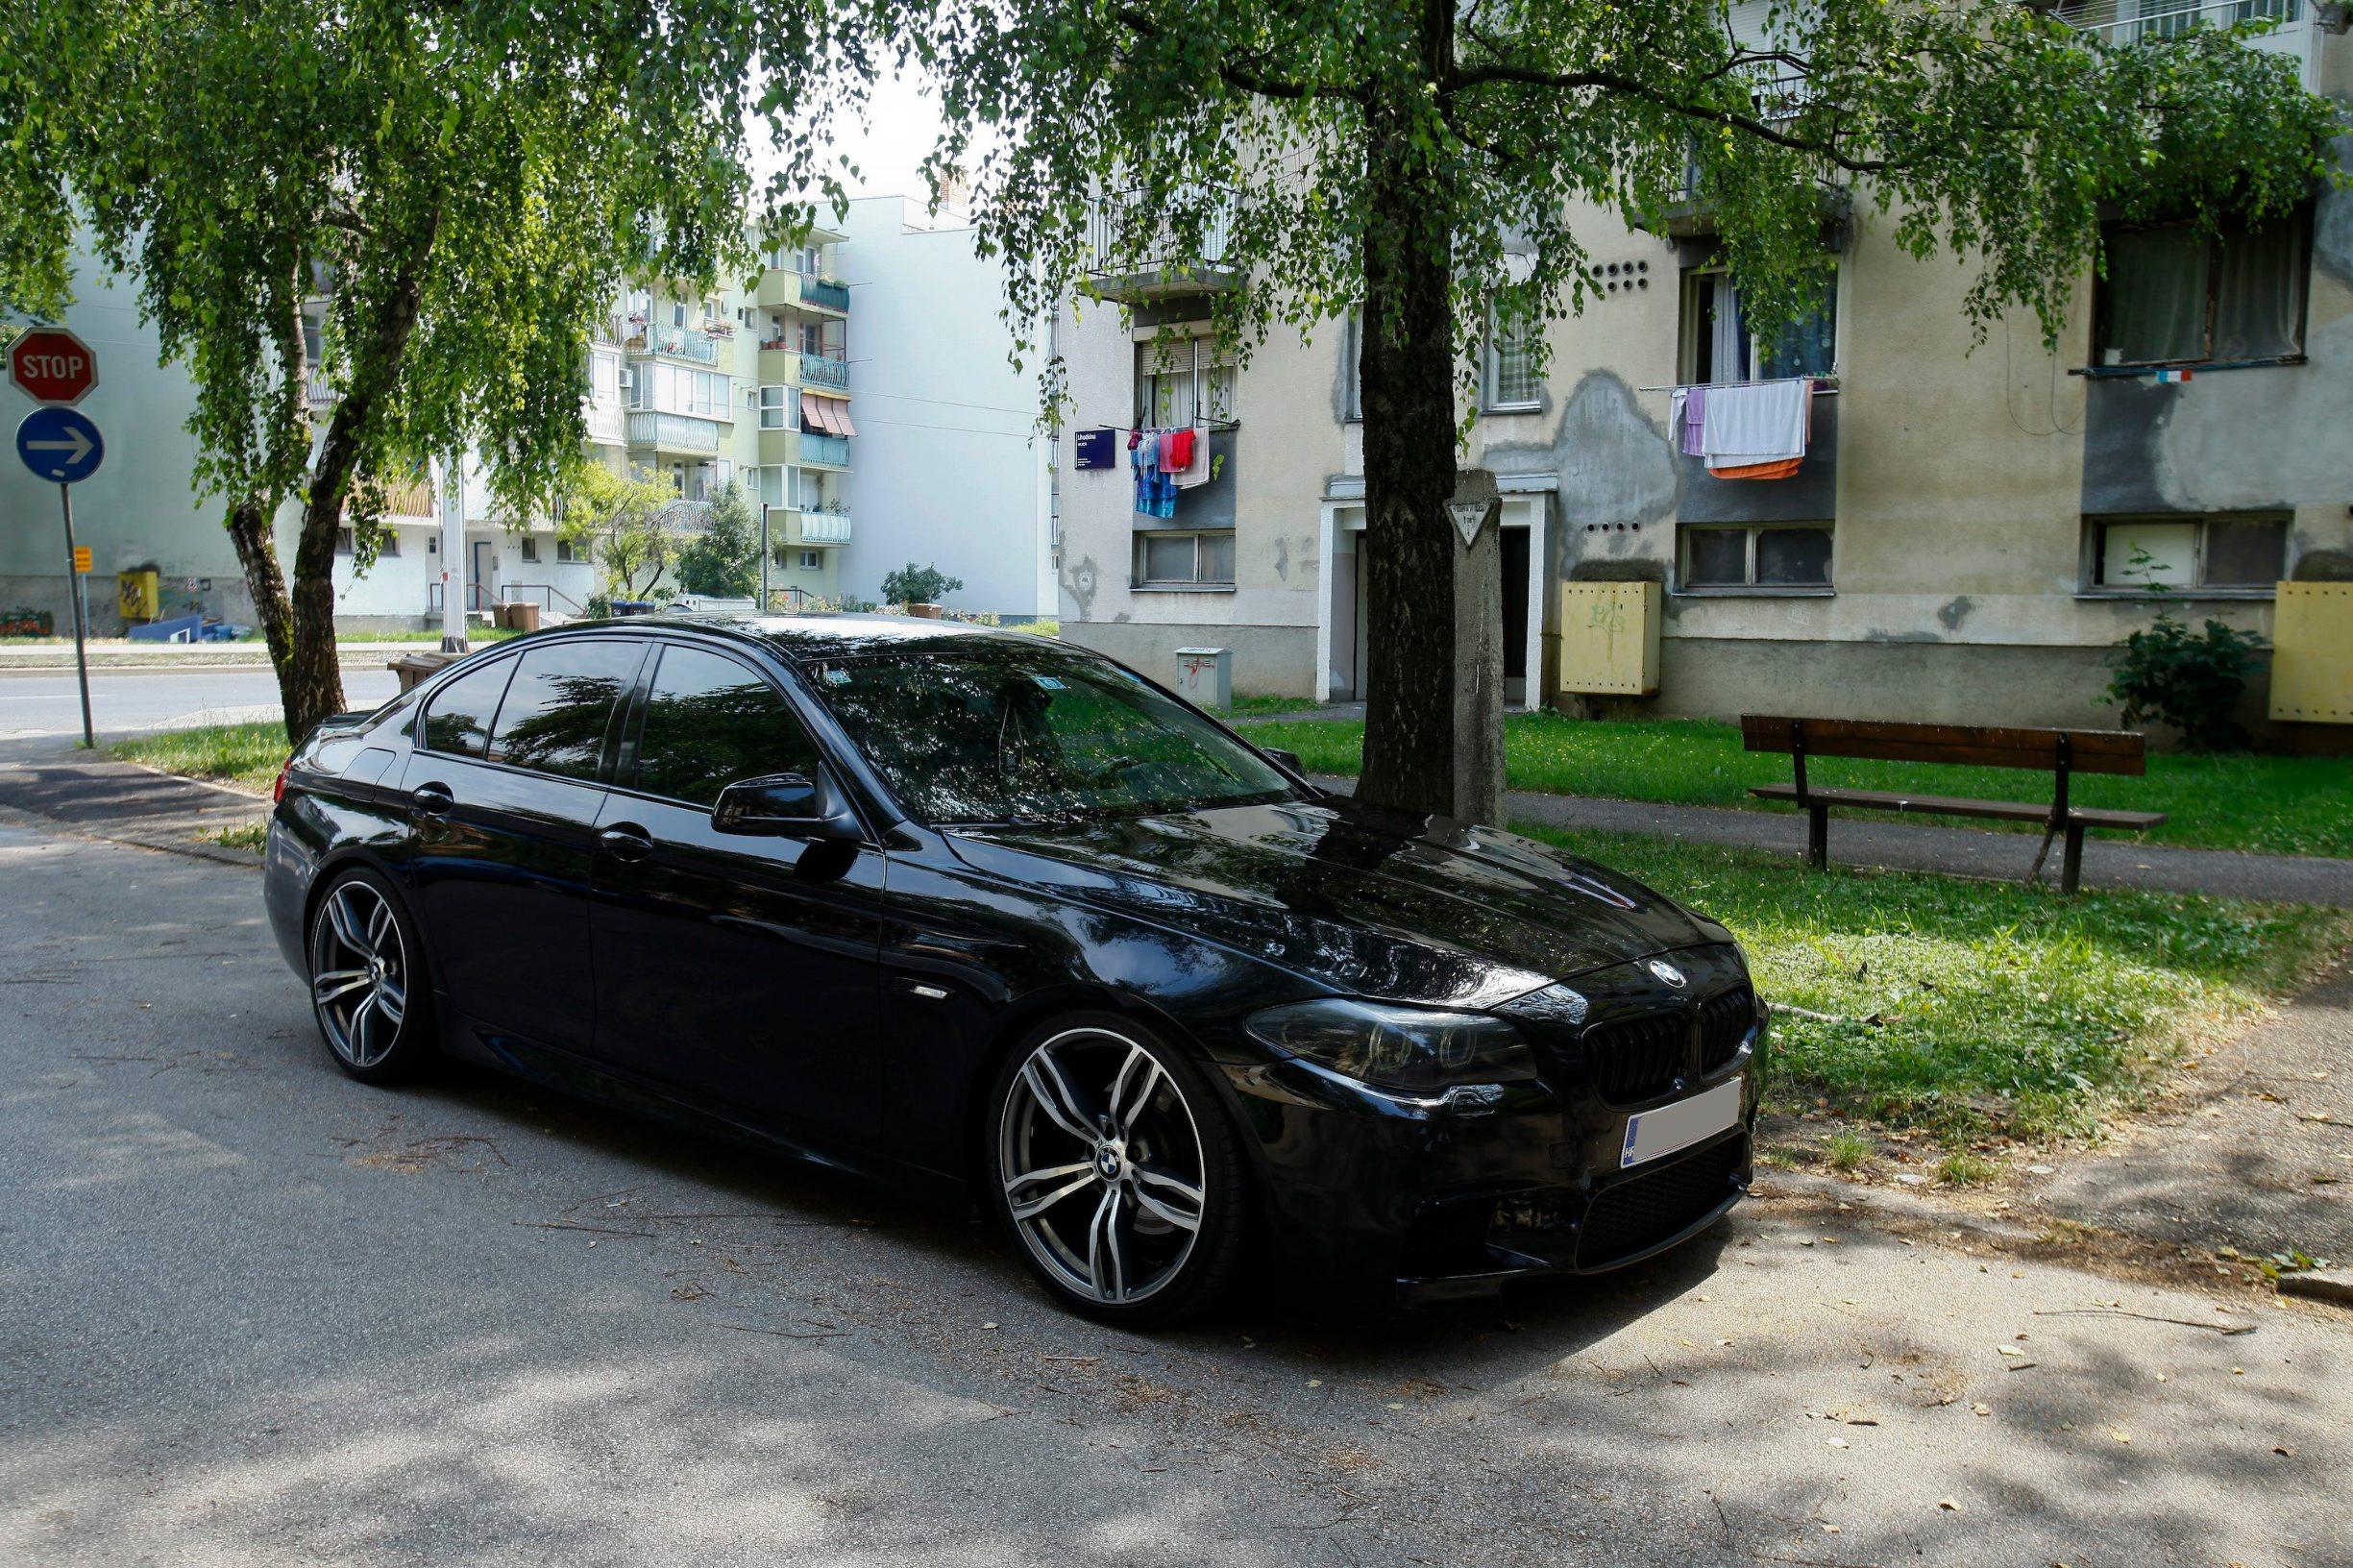 Zagreb, 050719. Lhotkina 1. Precko. BMW iz kojega je specijalna policija  izvukla vozaca povezanog sa krim miljeom. Na fotografiji: BMW. Foto: Zeljko Puhovski / CROPIX